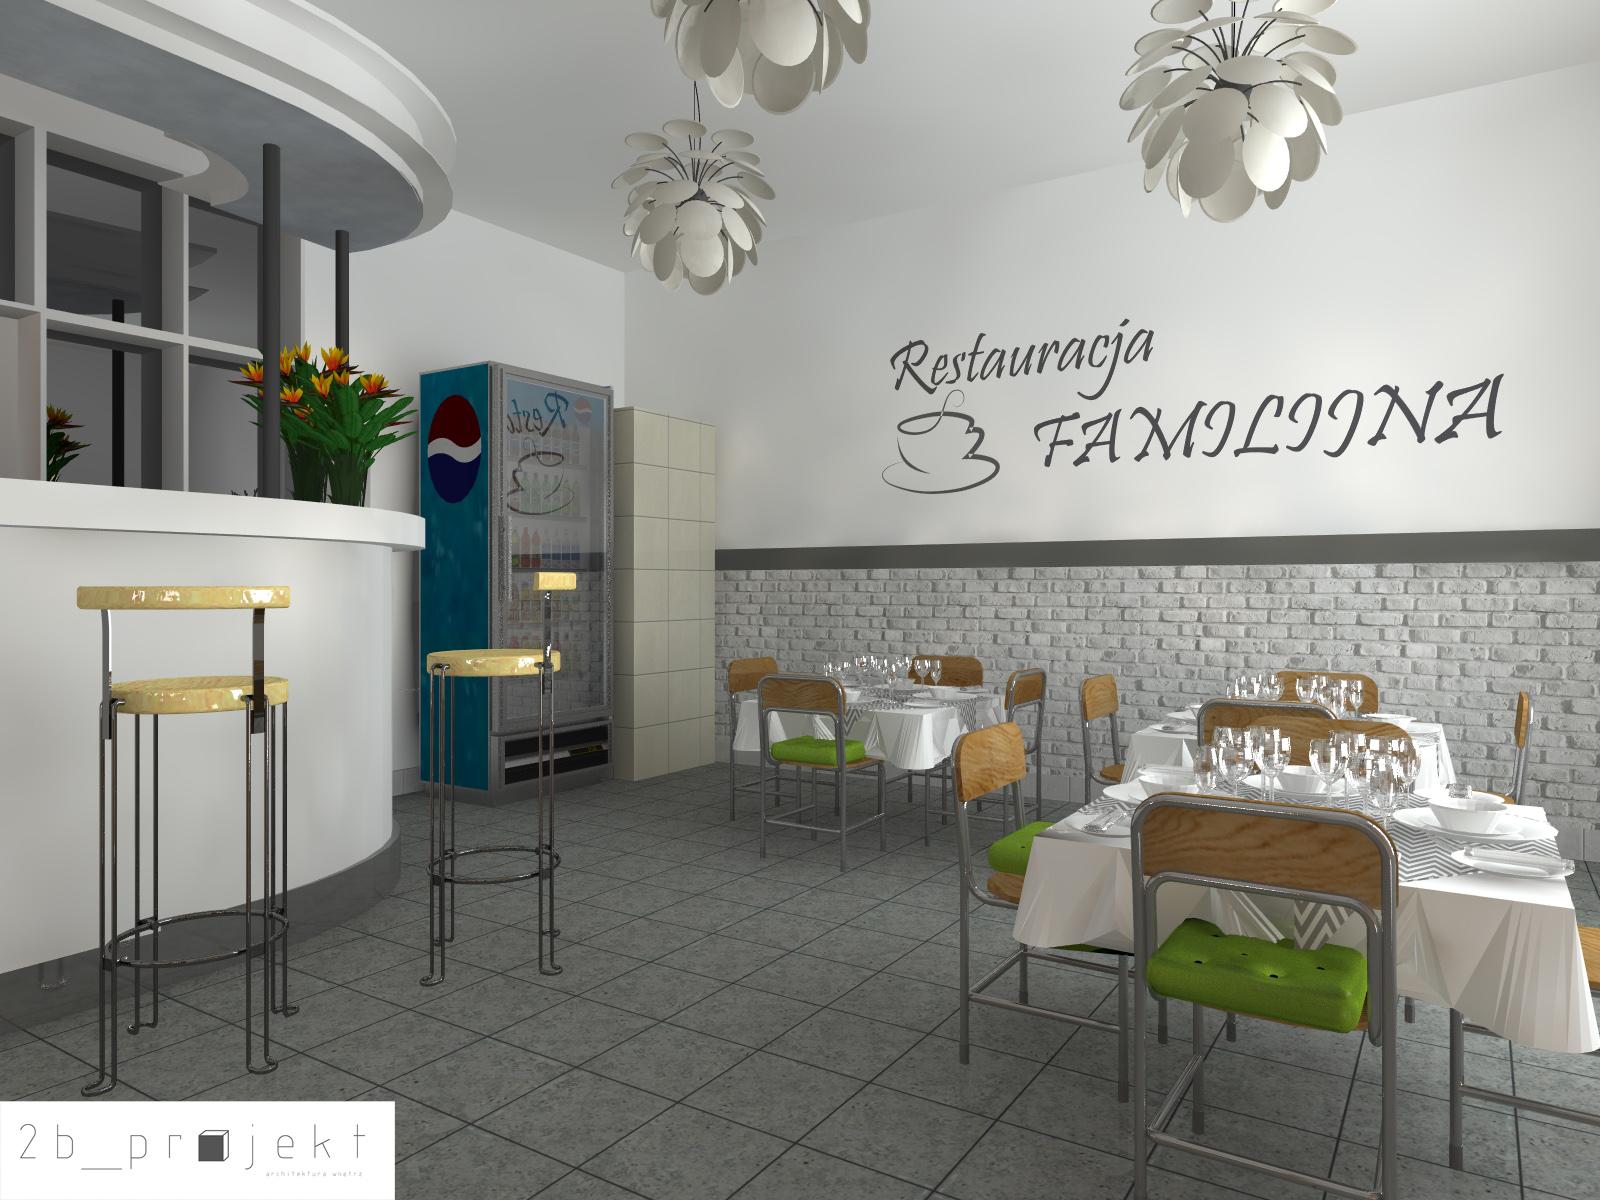 Biuro projektowe | Aranżacje wnętrz | Wizualizacje | Kierownik budowy | Kępno, Wrocław, Opole, Syców, Ostrzeszów